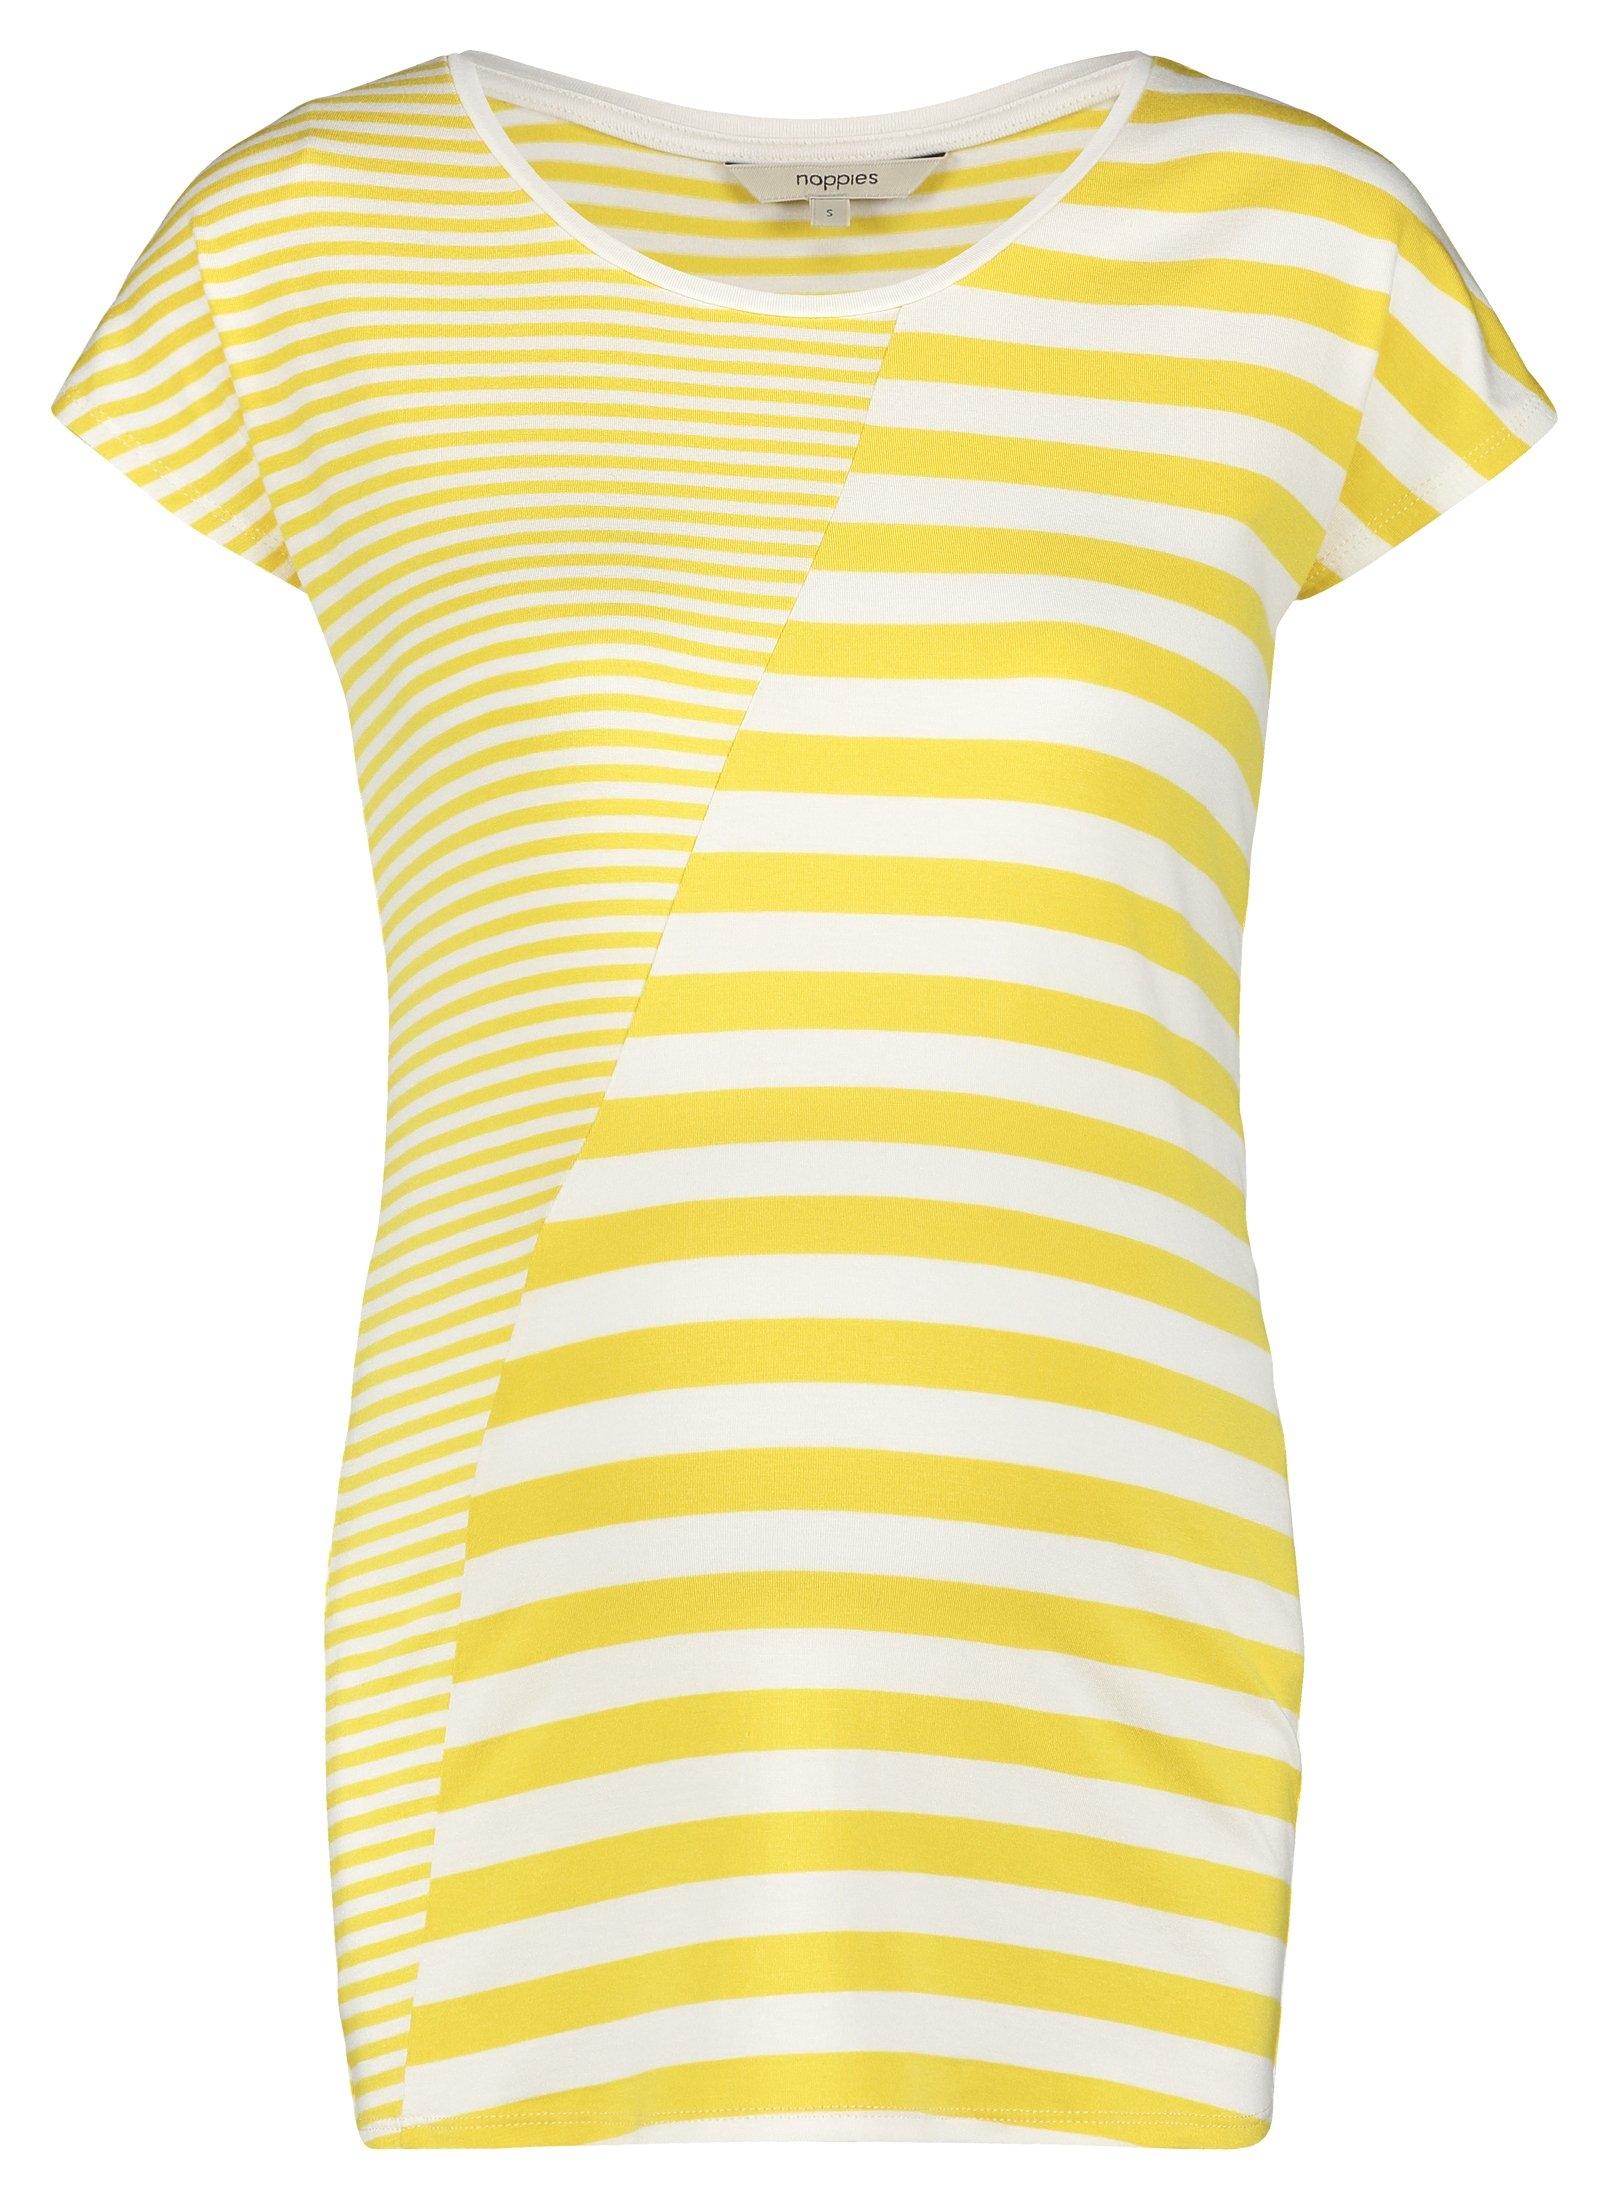 Noppies T-shirt »Noni« bestellen: 30 dagen bedenktijd